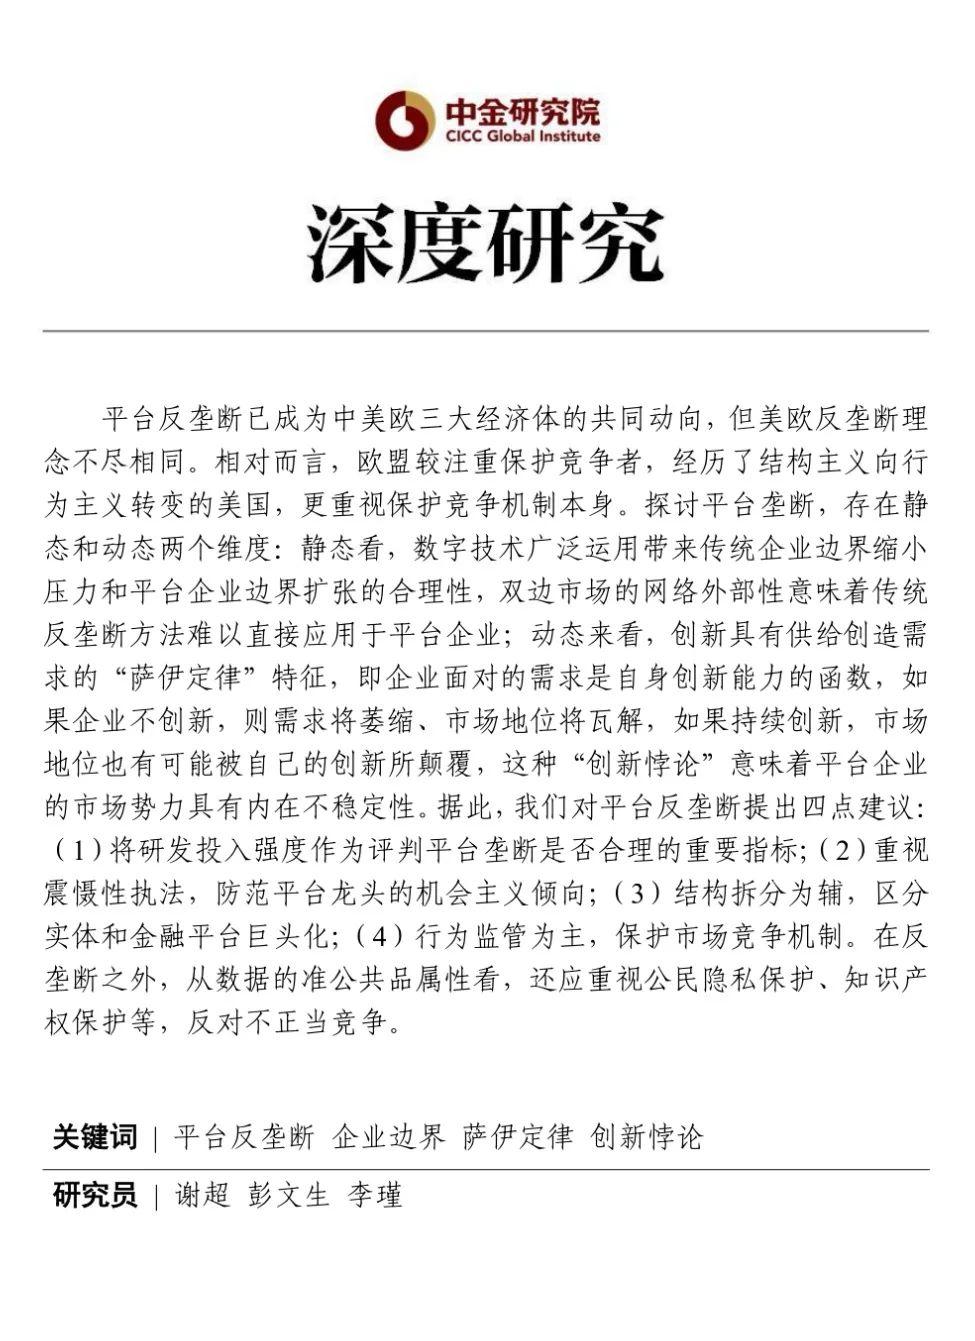 中金:企业边界、萨伊定律与平台反垄断